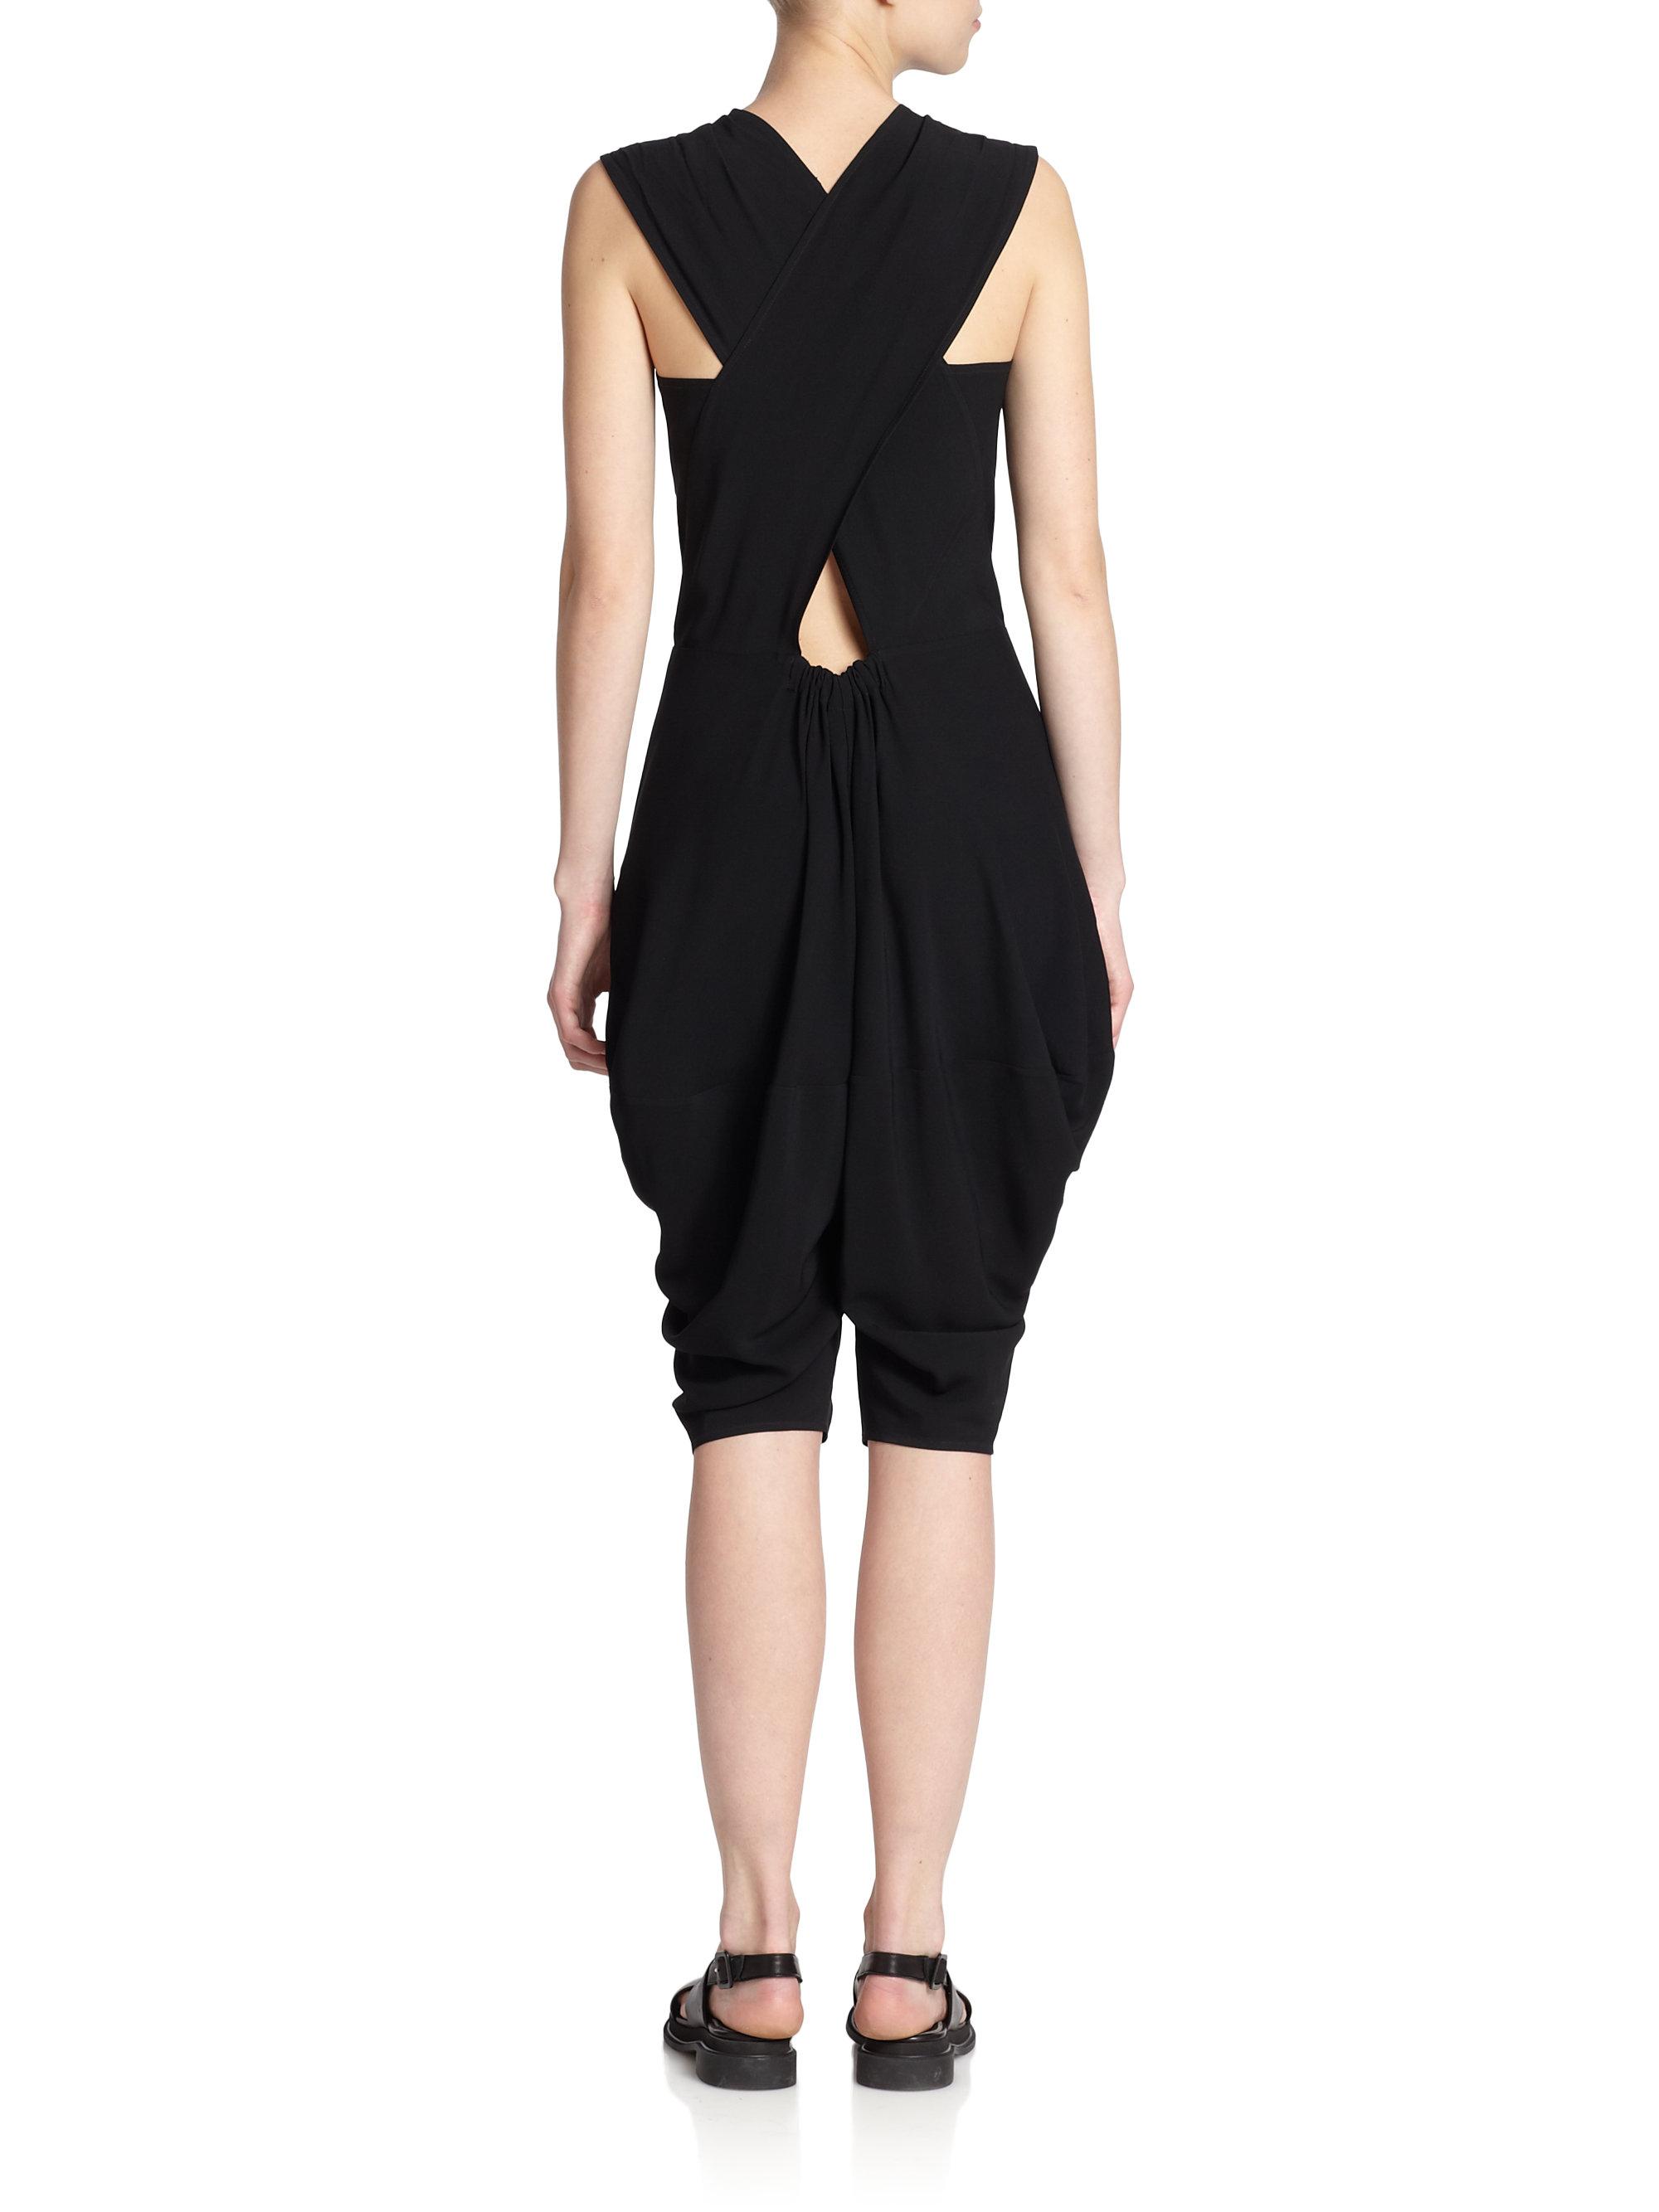 d6a95af5b08 Lyst - Zero + Maria Cornejo Cata Draped Jumpsuit in Black